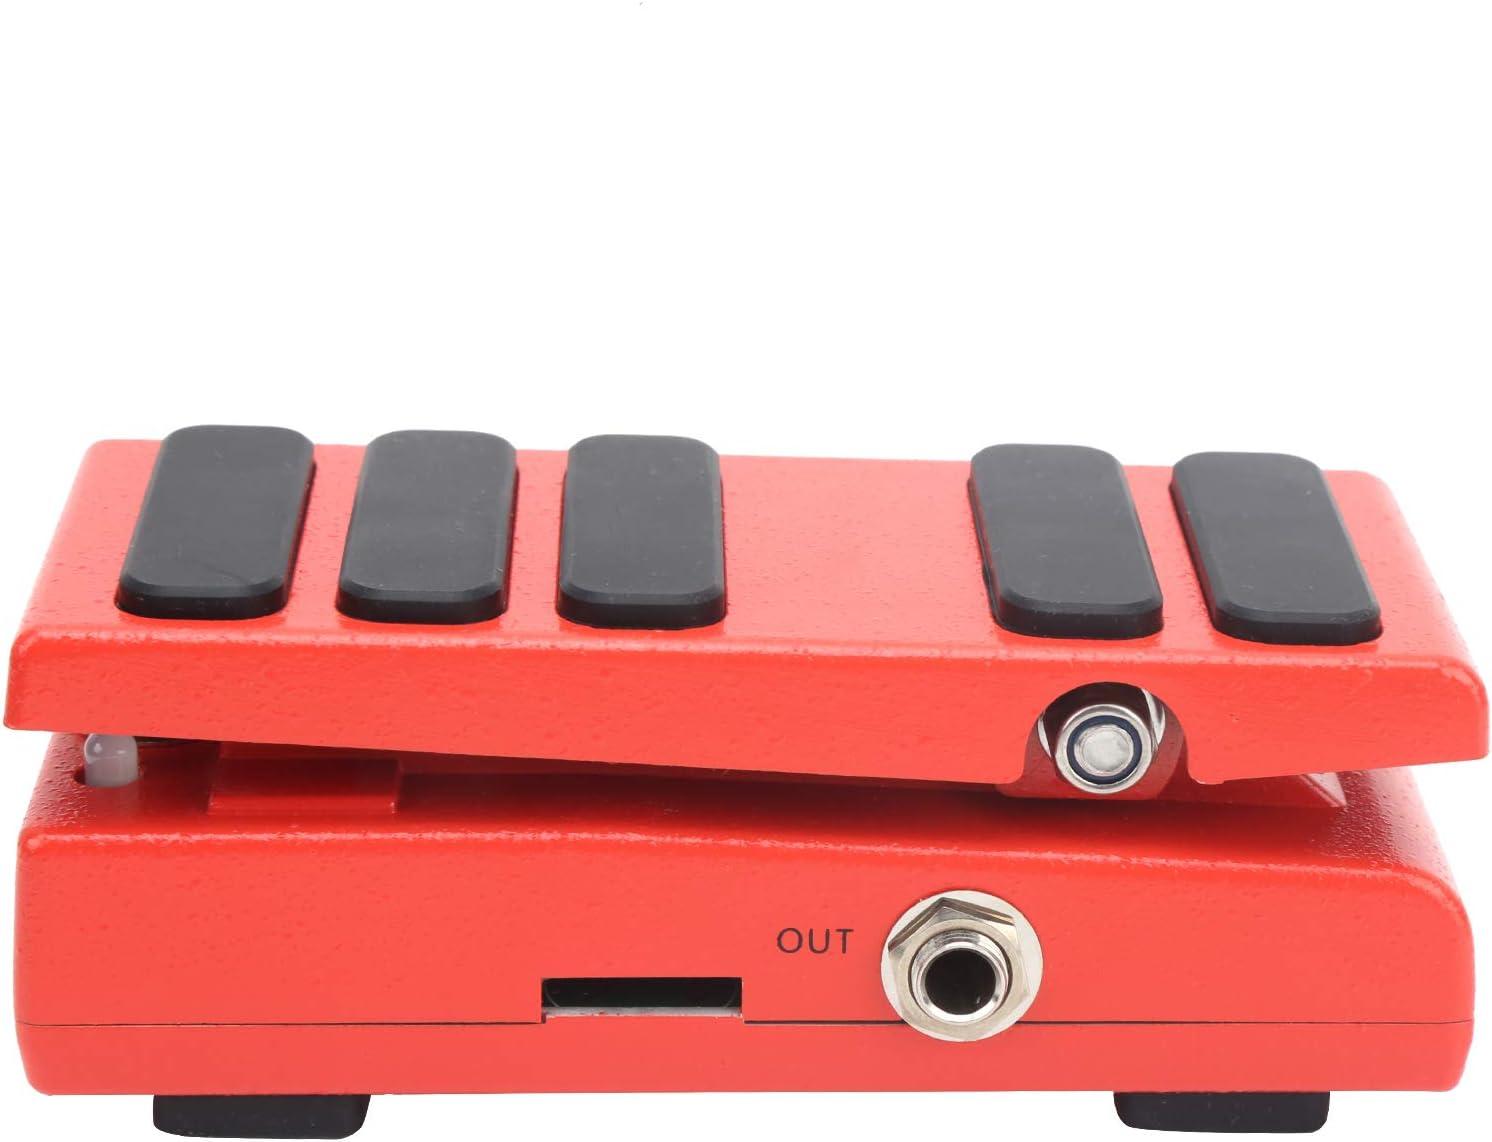 Pedal Wah-Wah Interruptor de pedal Pedal de efecto Tamaño pequeño y peso ligero Diferentes selecciones de modo, para accesorios de instrumentos, para mayor comodidad(rojo)